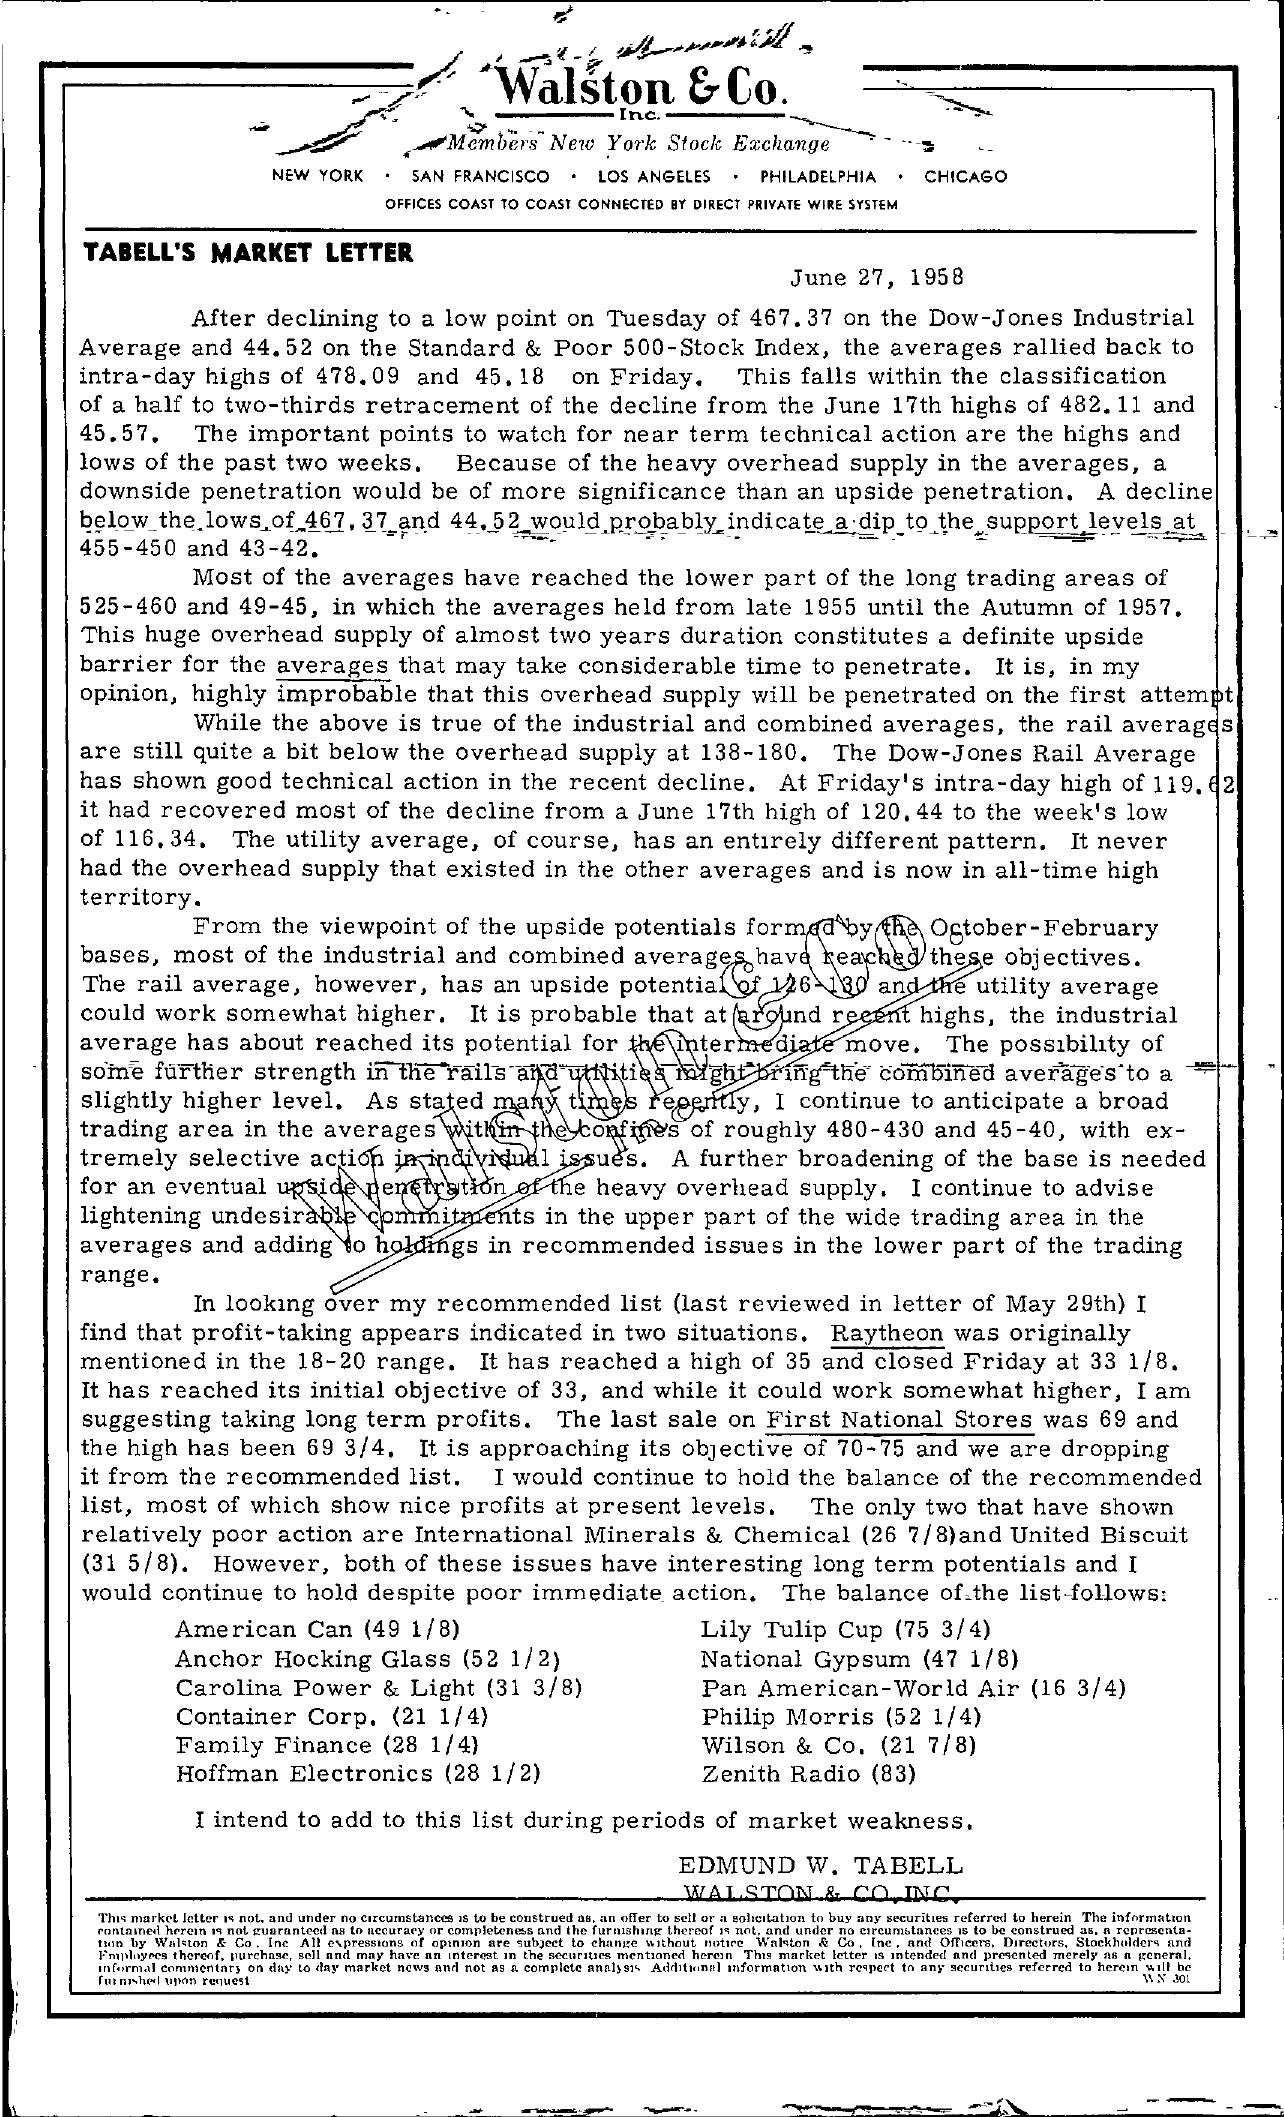 Tabell's Market Letter - June 27, 1958